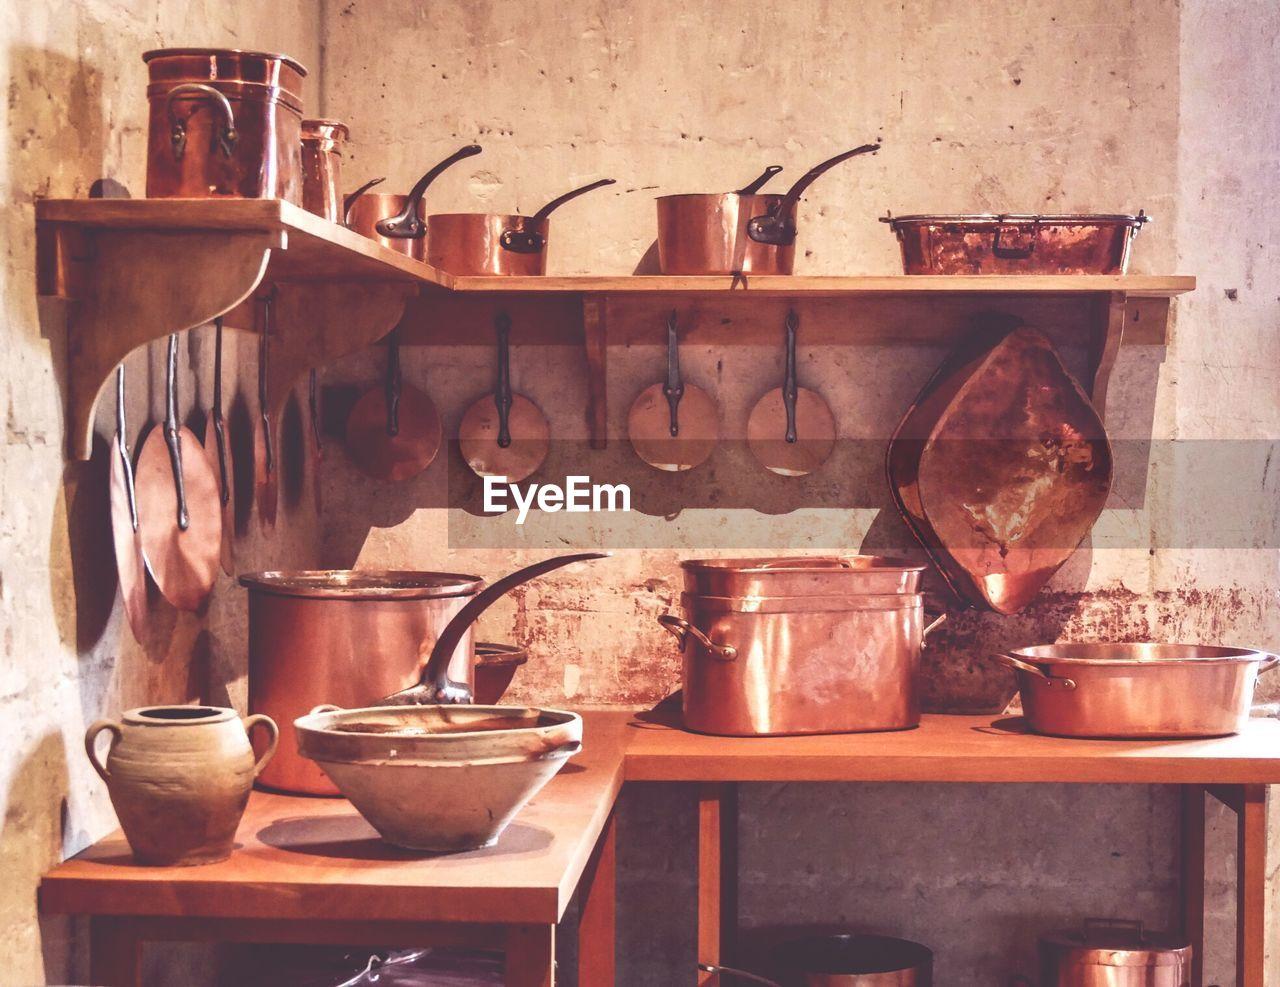 Utensils arranged on shelf in kitchen